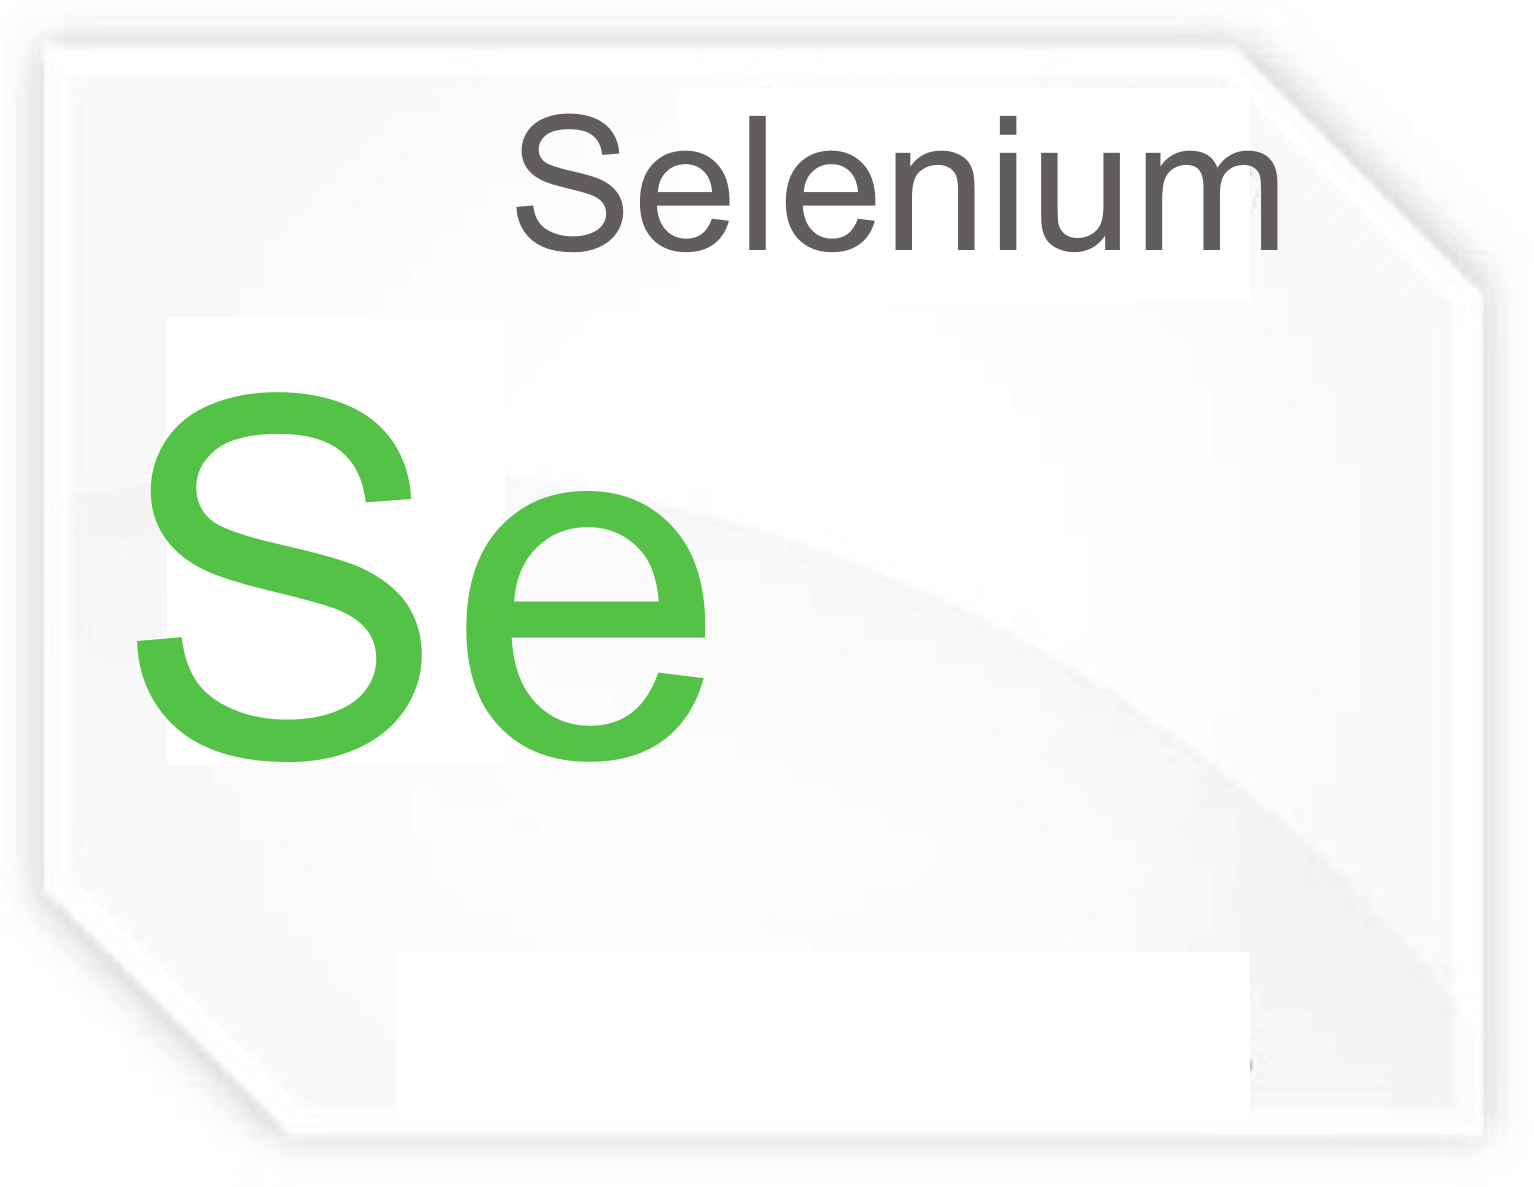 فوائد حبوب السيلينيوم للرجال